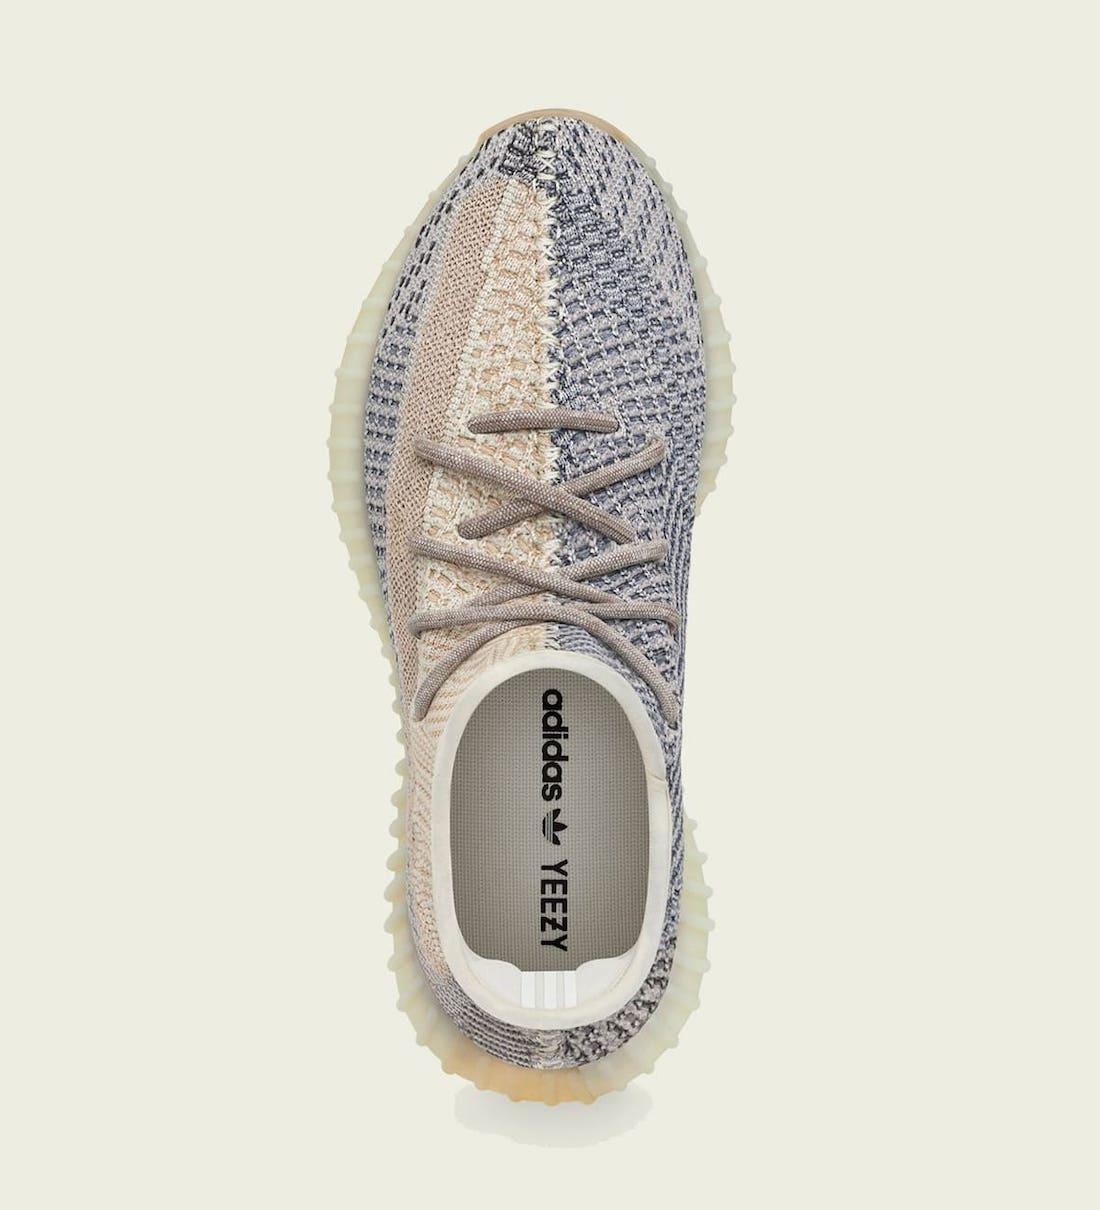 adidas Yeezy Boost 350 V2 ''Ash Pearl'' - GY7658